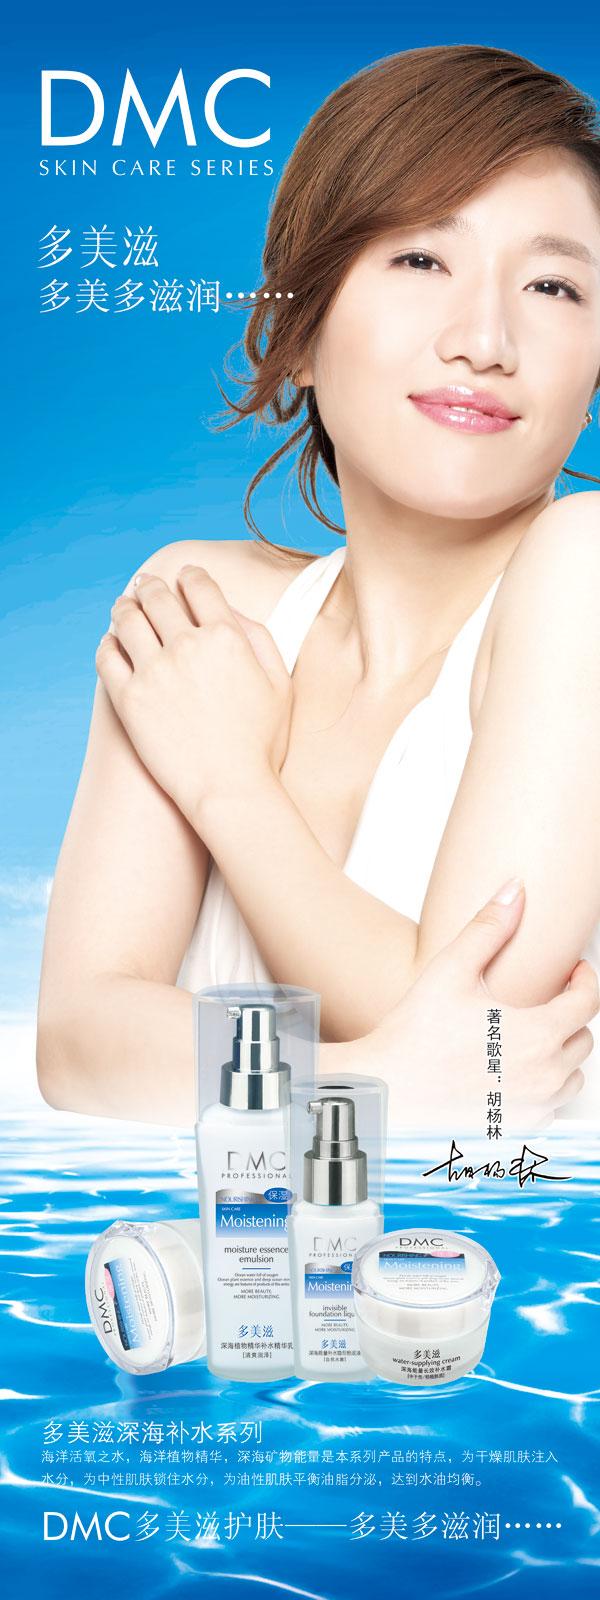 补水护肤品广告_素材中国sccnn.com图片